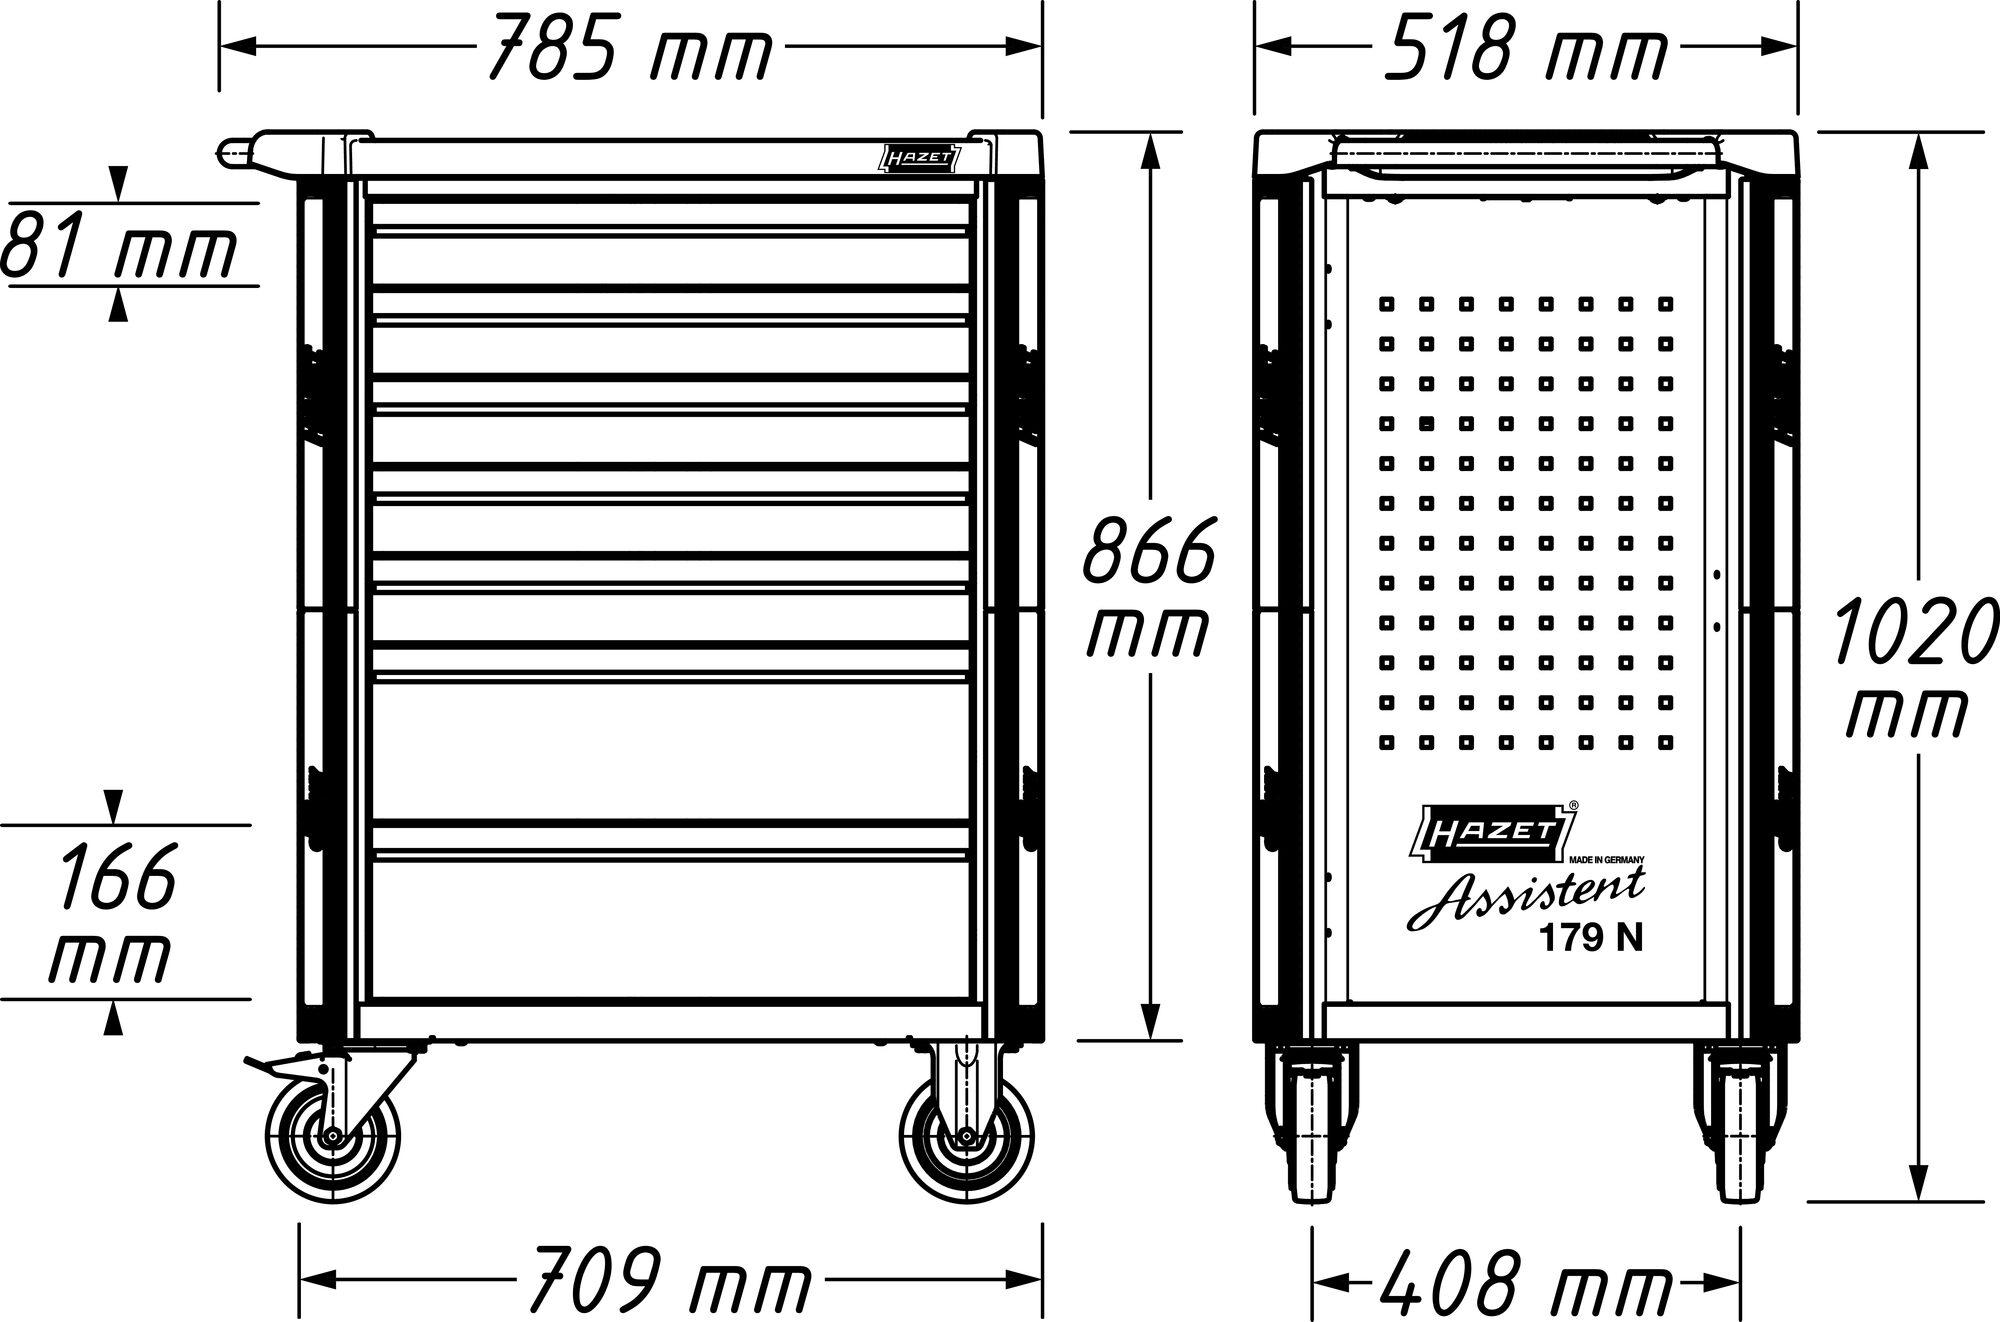 HAZET Werkstattwagen Assistent 179NX-7/65ALU ∙ Schubladen, flach: 5x 81x522x398 mm ∙ Anzahl Werkzeuge: 65